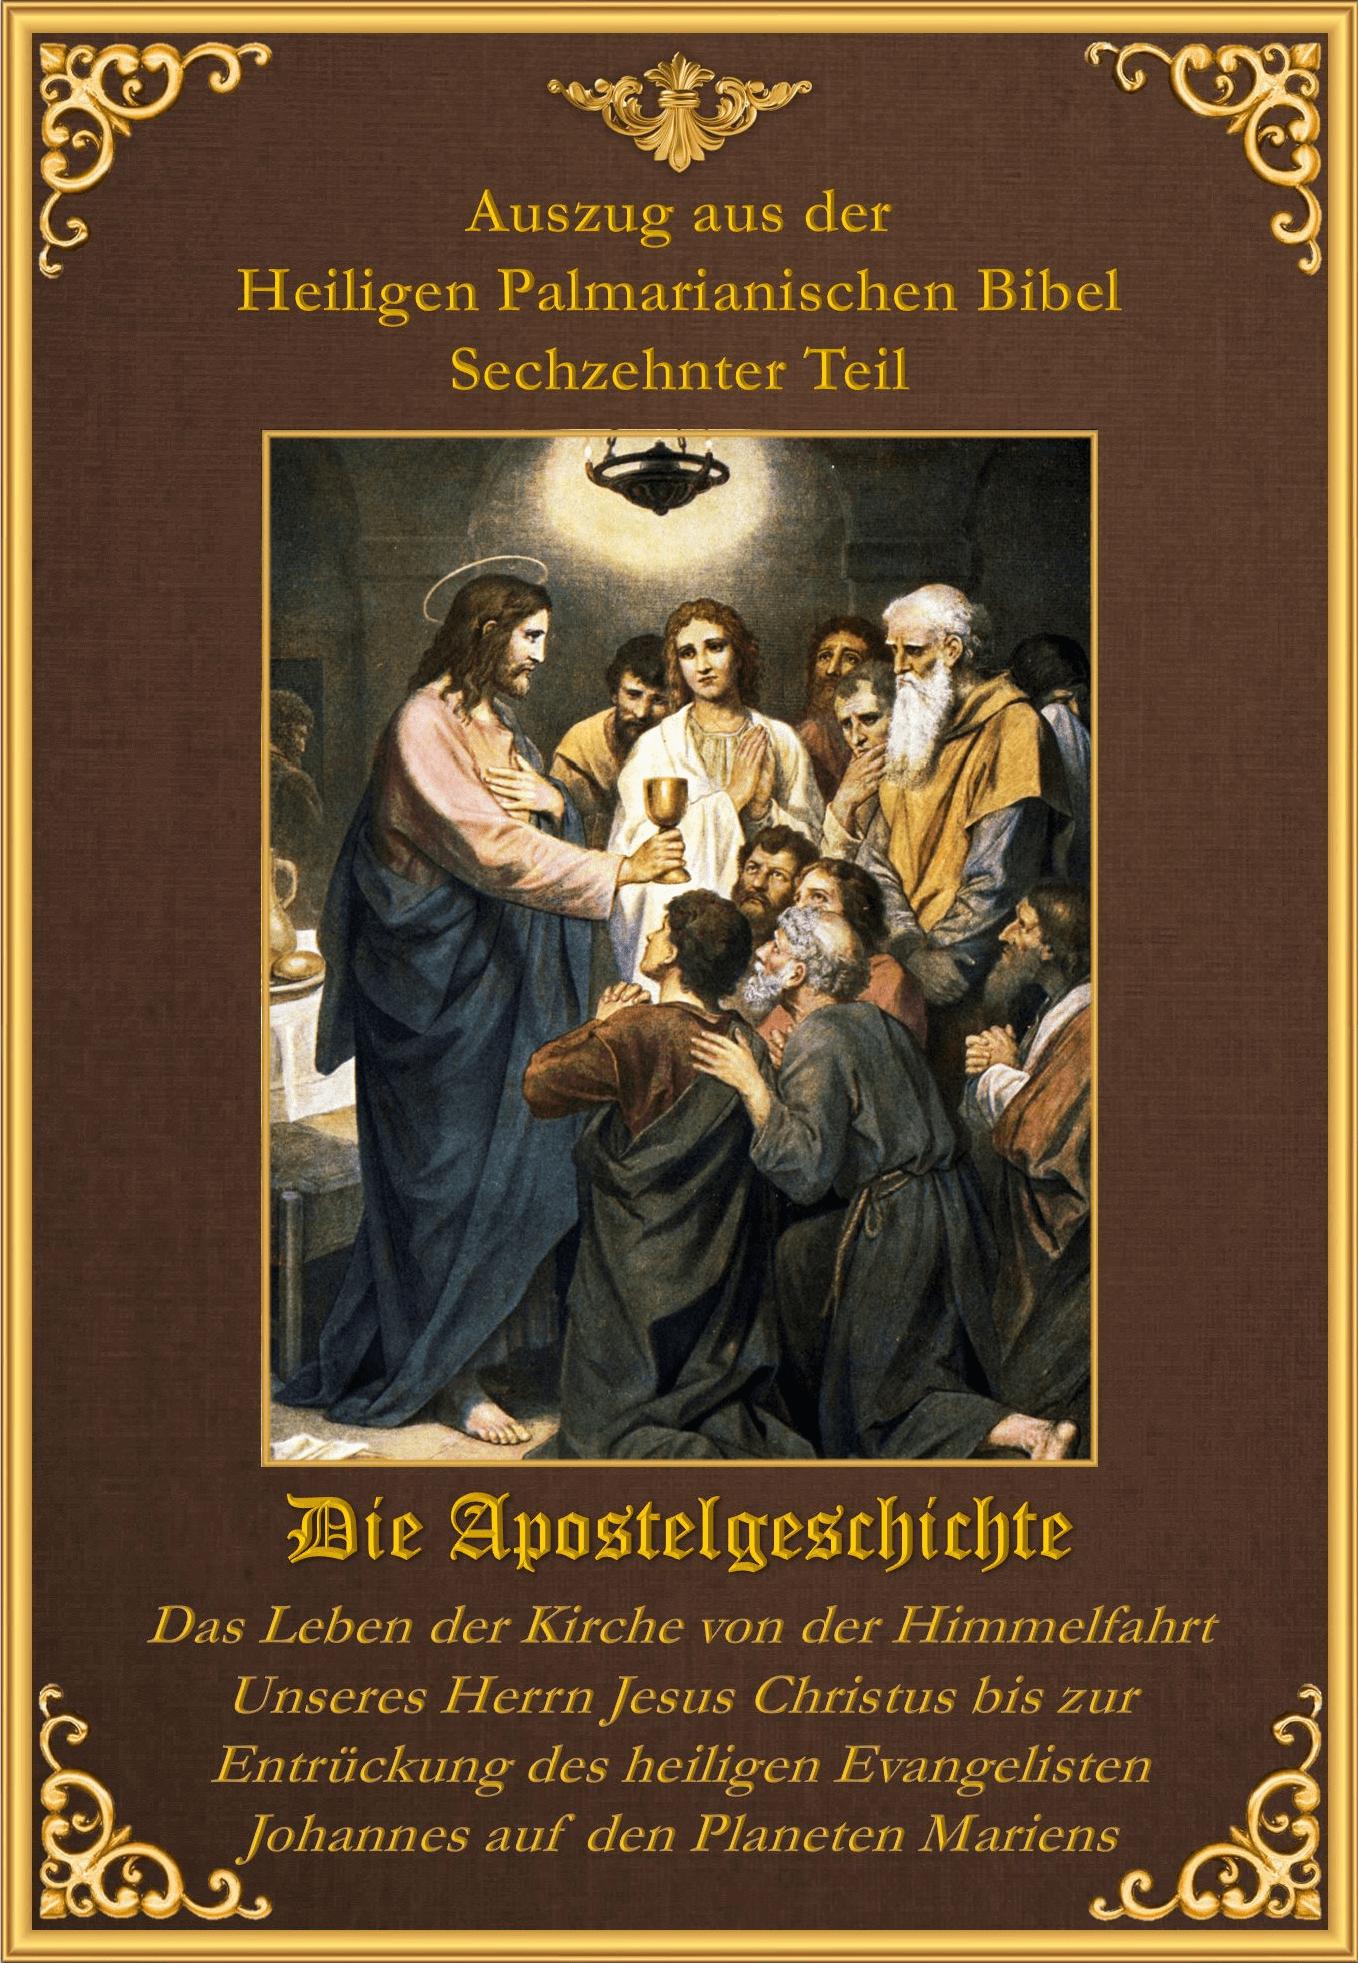 """<a href=""""/wp-content/uploads/2019/08/Bible-Sechzehnter-Teil-1.pdf"""" title=""""Die Apostelgeschichte"""">Die Apostelgeschichte <br><br>Mehr</a>"""